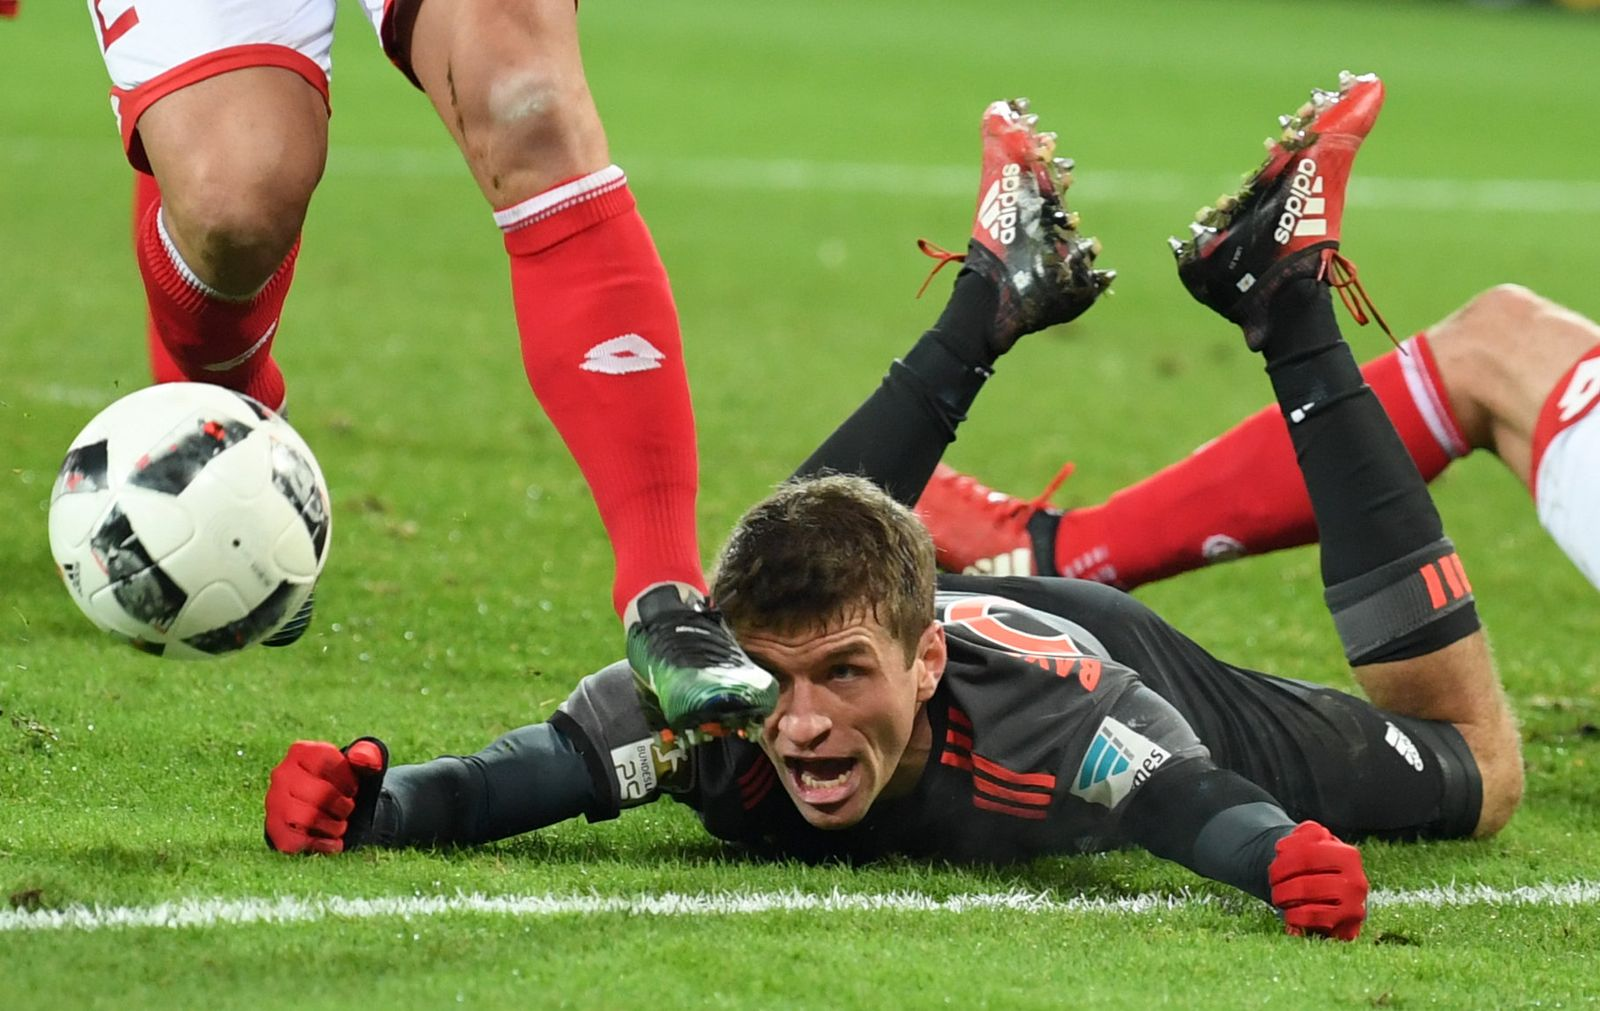 HLT 1. FSV Mainz 05 - FC Bayern München